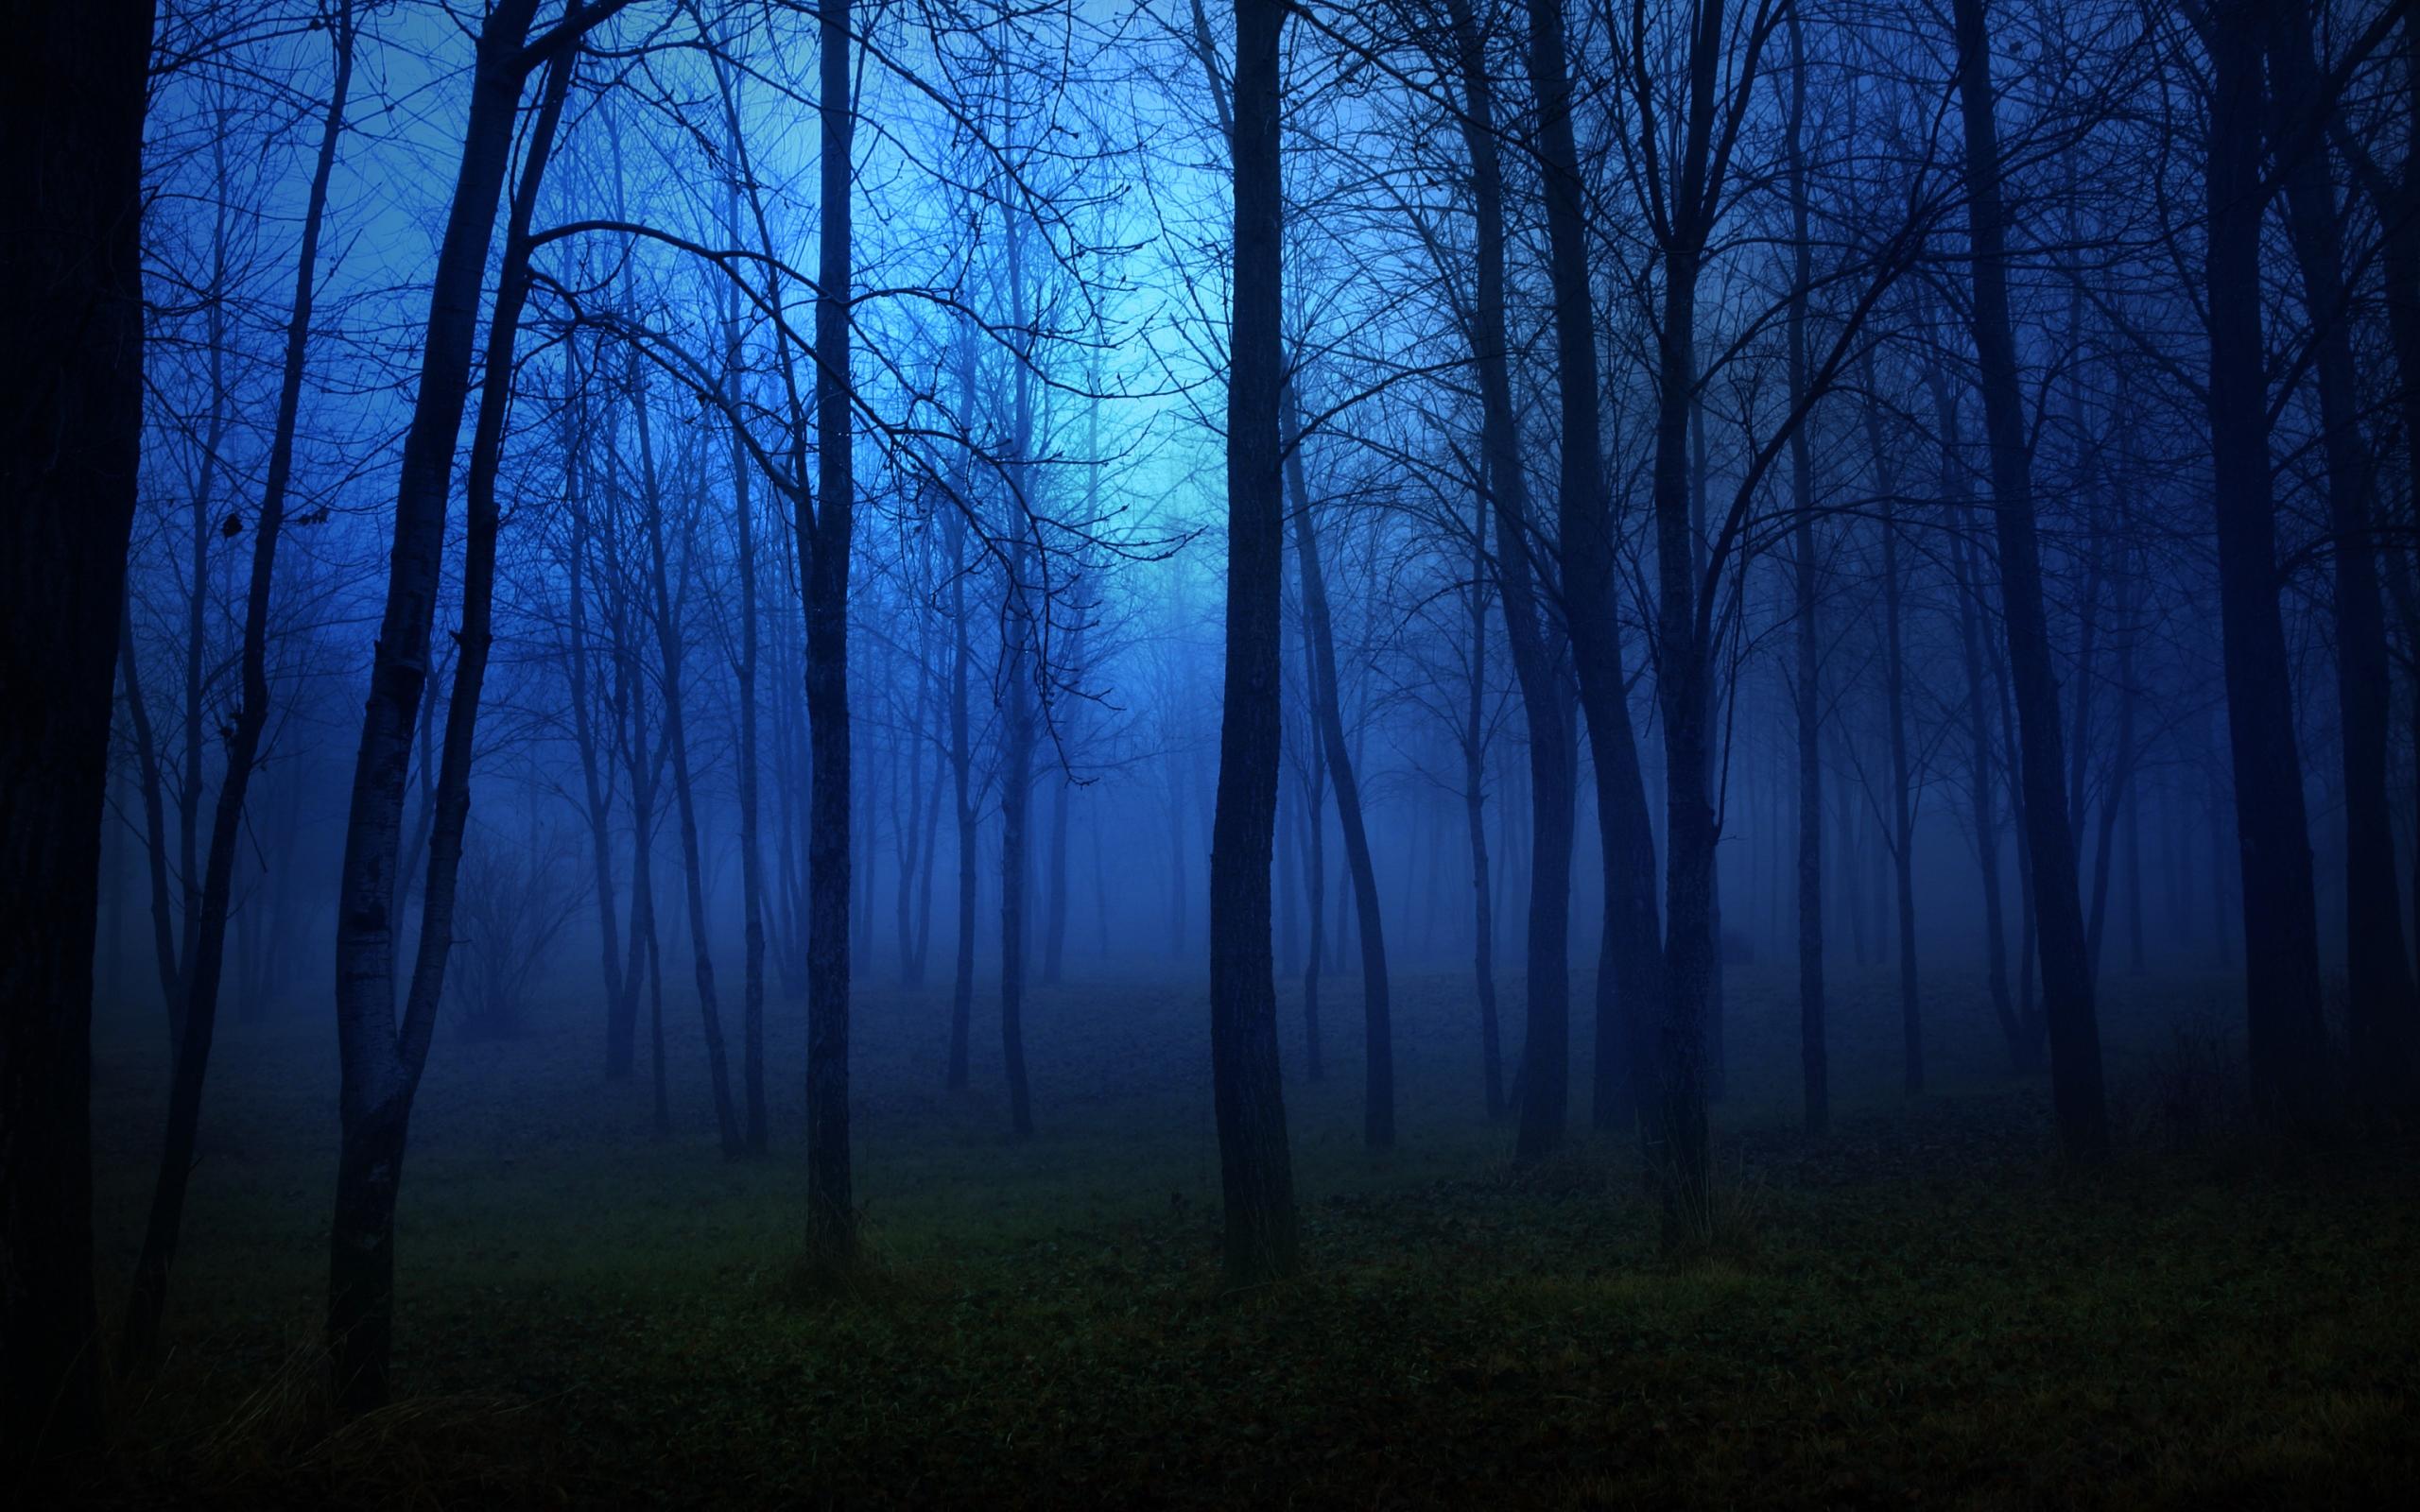 картинки лес ночью